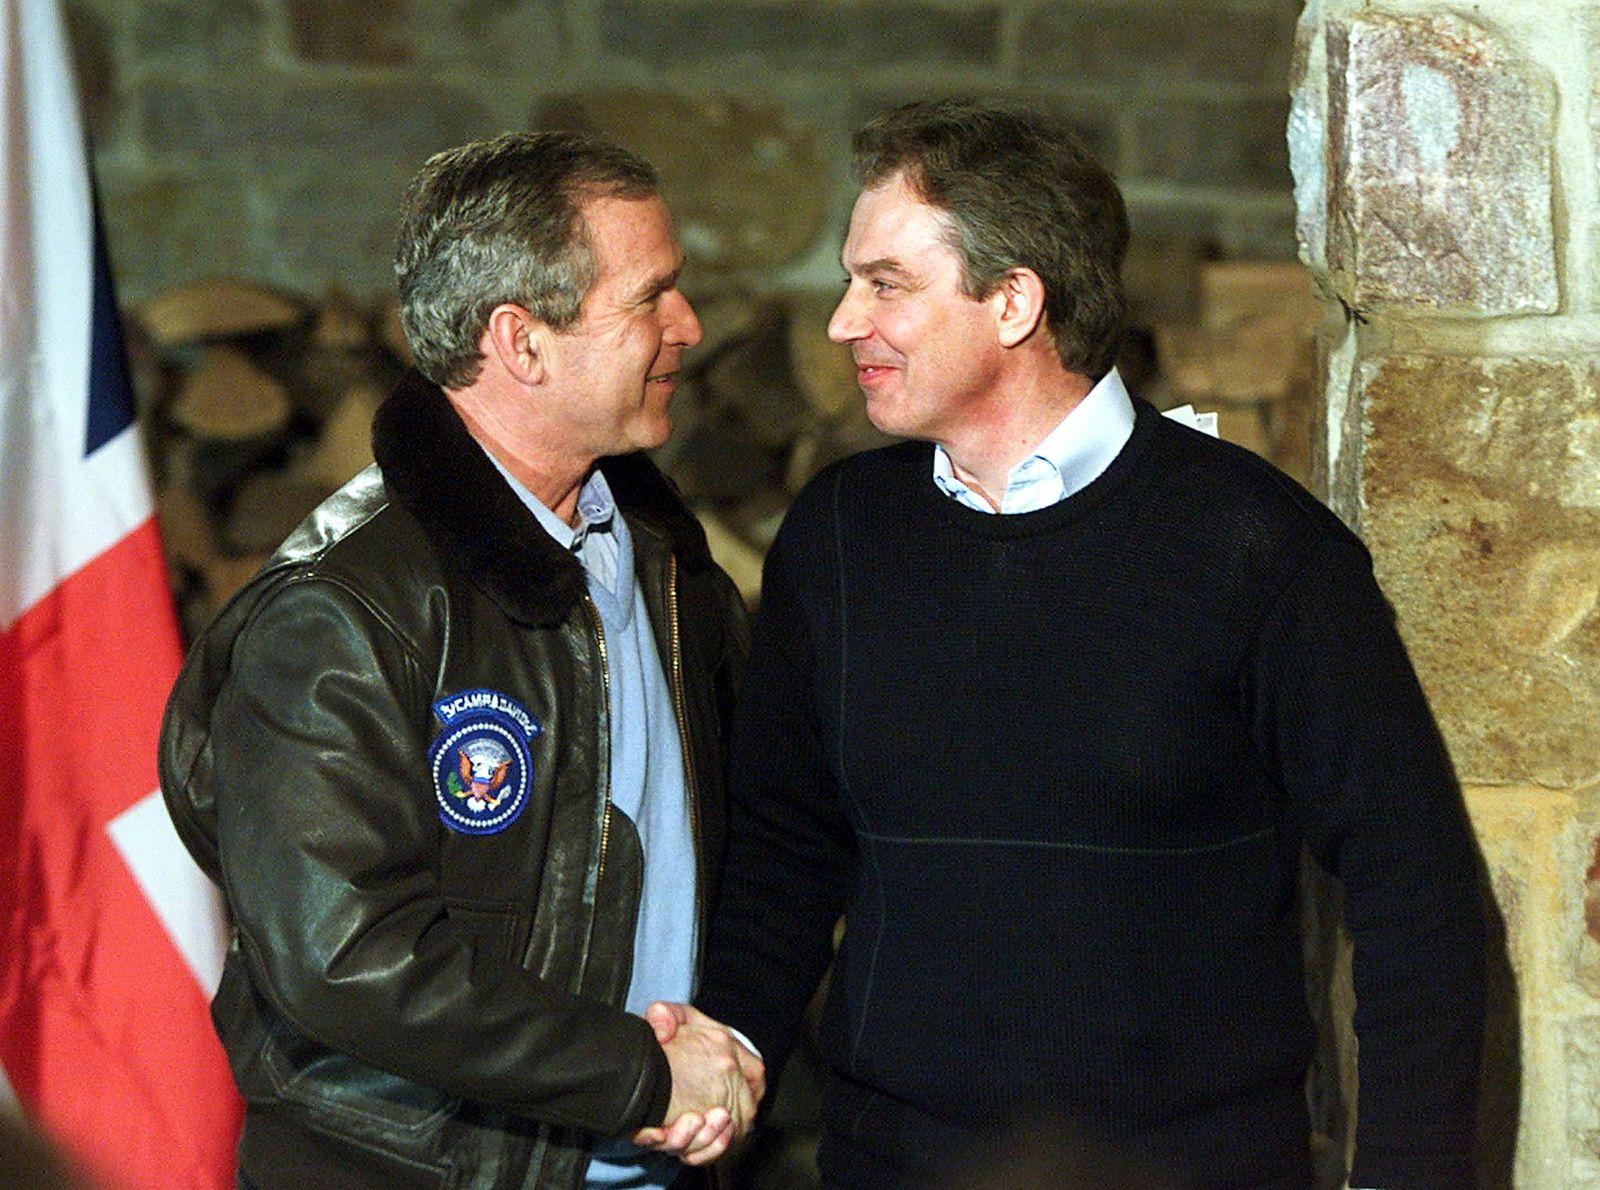 Bush Blair 2001